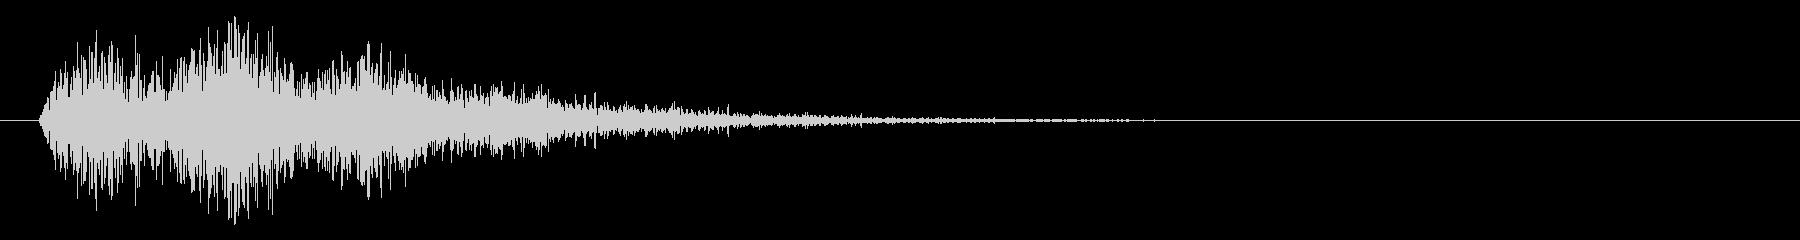 長い尾を持つ低雷衝撃の未再生の波形